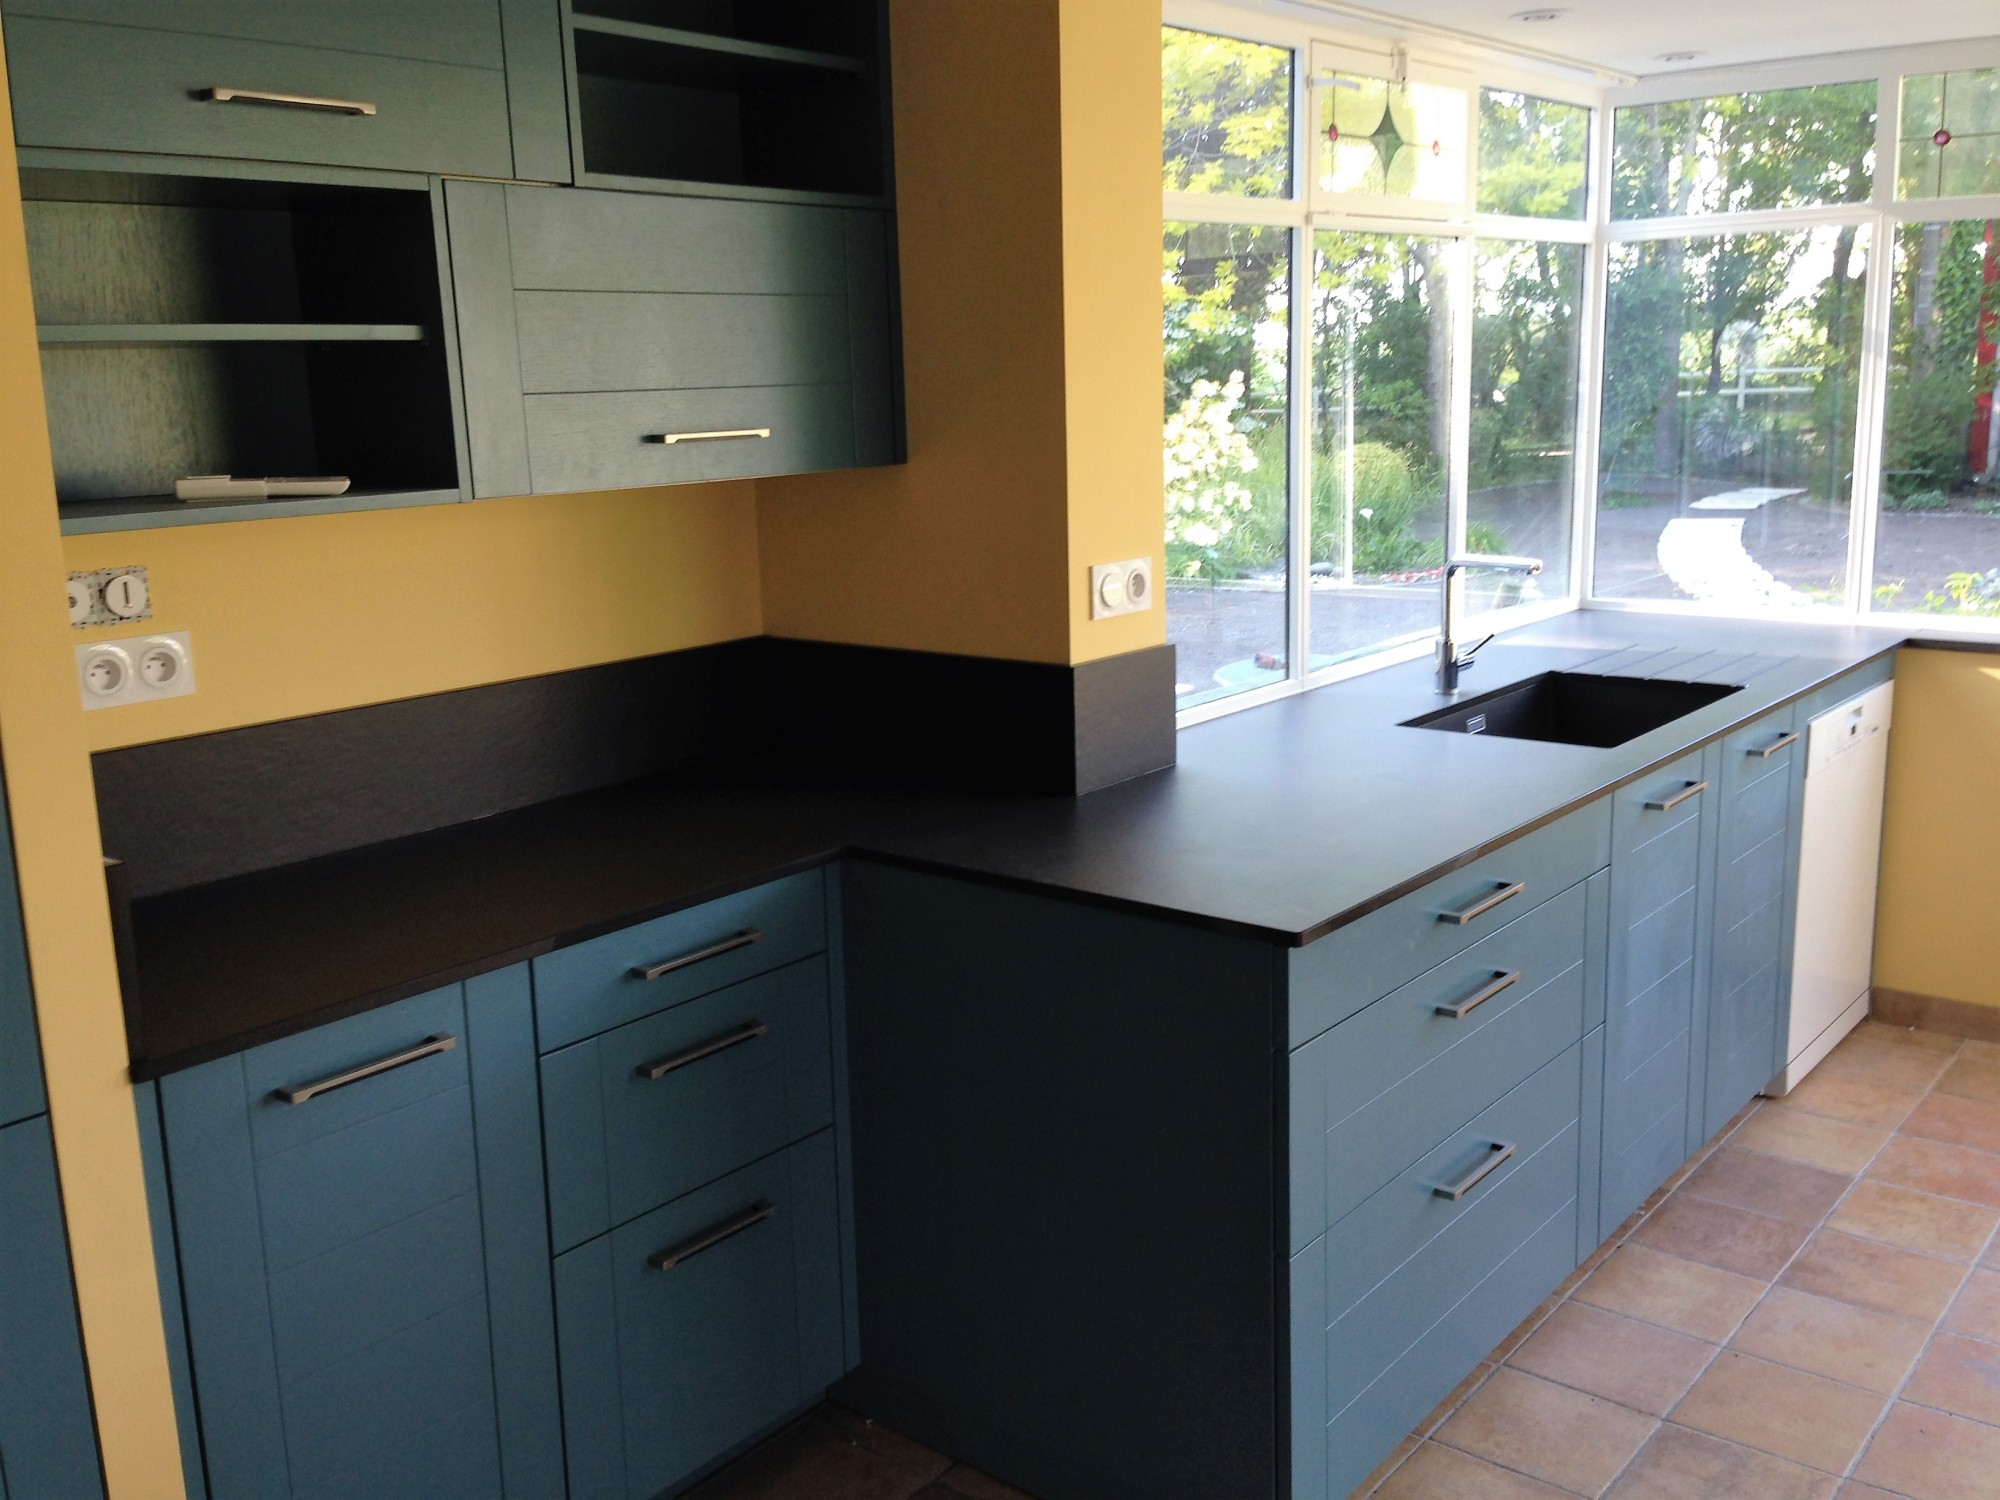 Mettre un plan de travail en pierre foncé dans une cuisine à Pessac 33